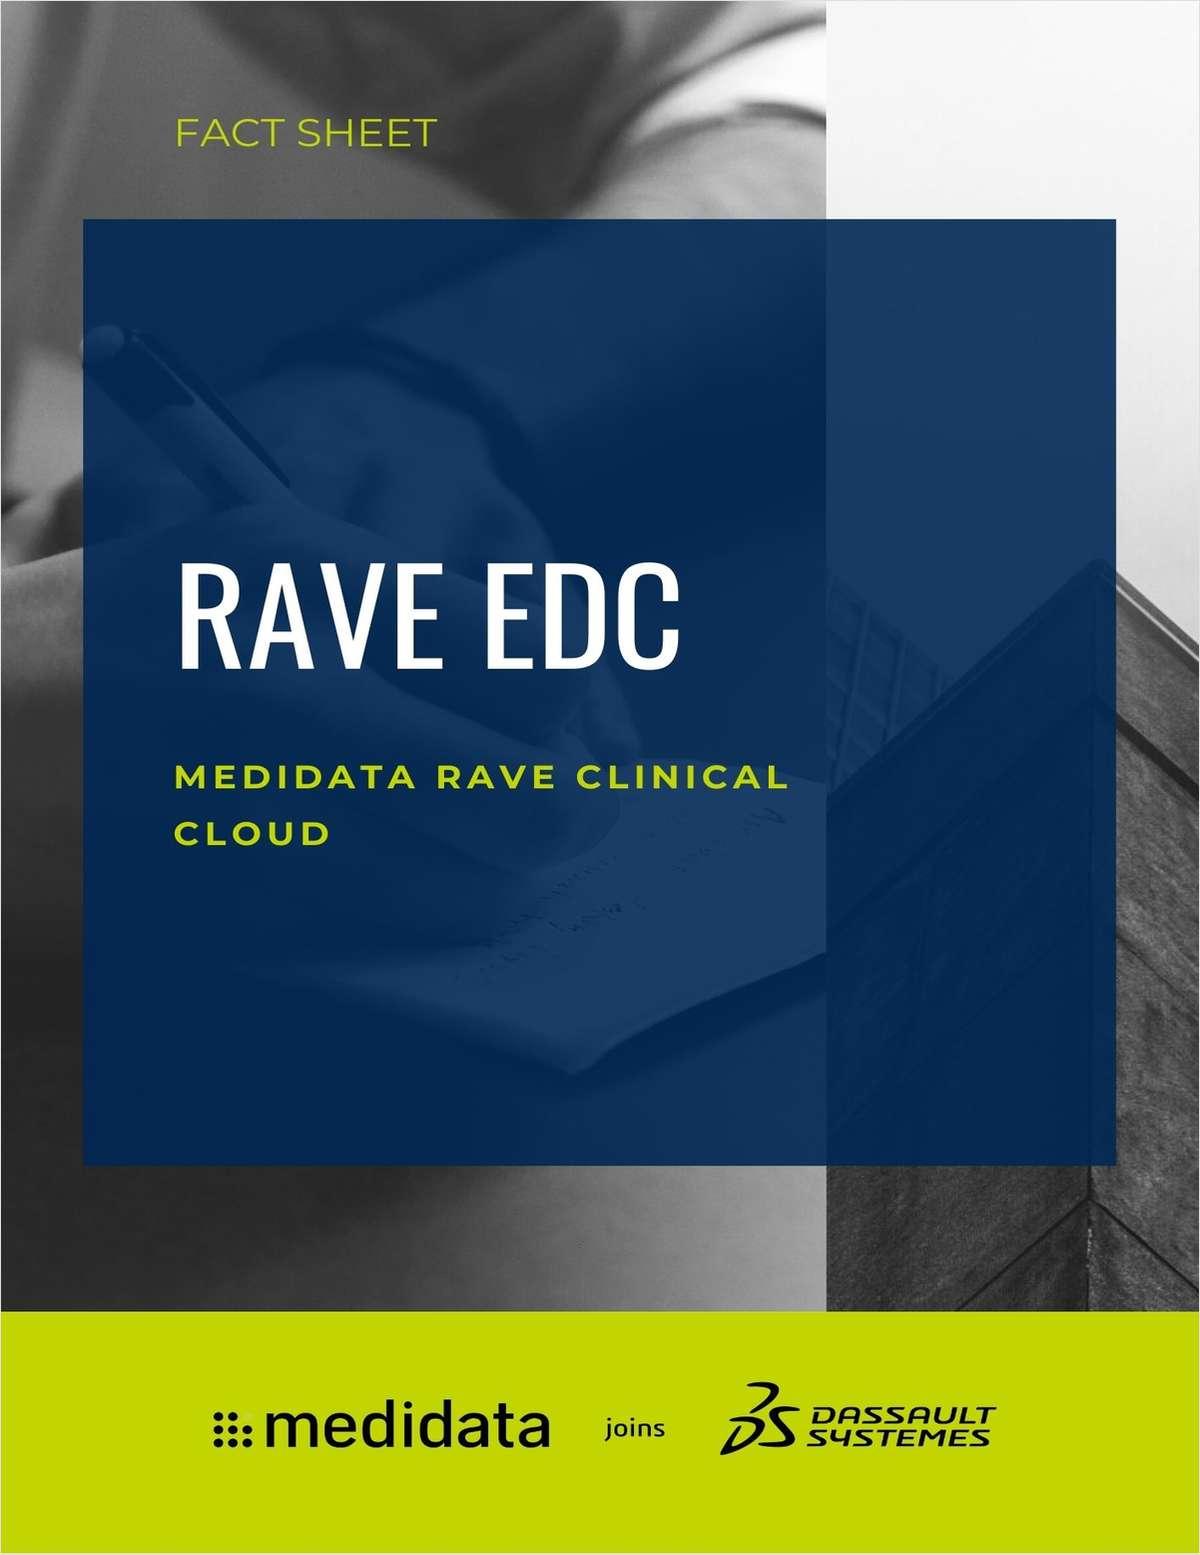 Rave EDC Fact Sheet